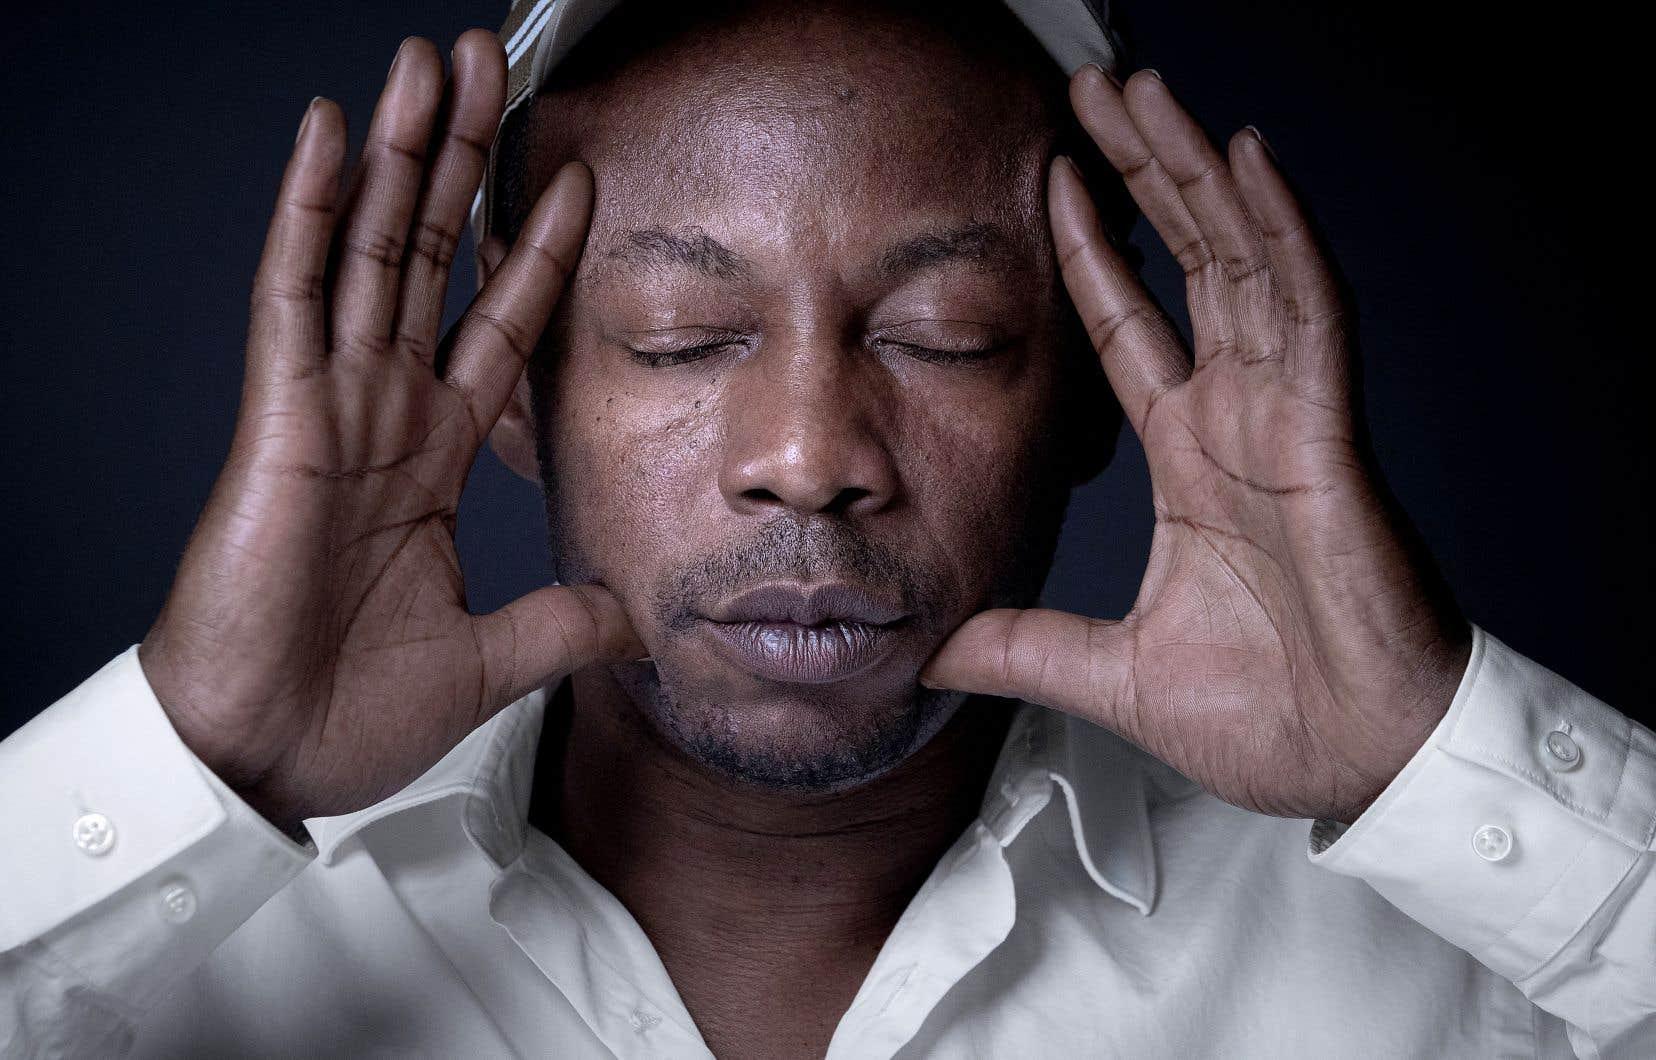 Le rappeur Claude M'Barali, alias MC Solaar, nous revient après un long litige judiciaire qui l'opposait à Polydor Universal.